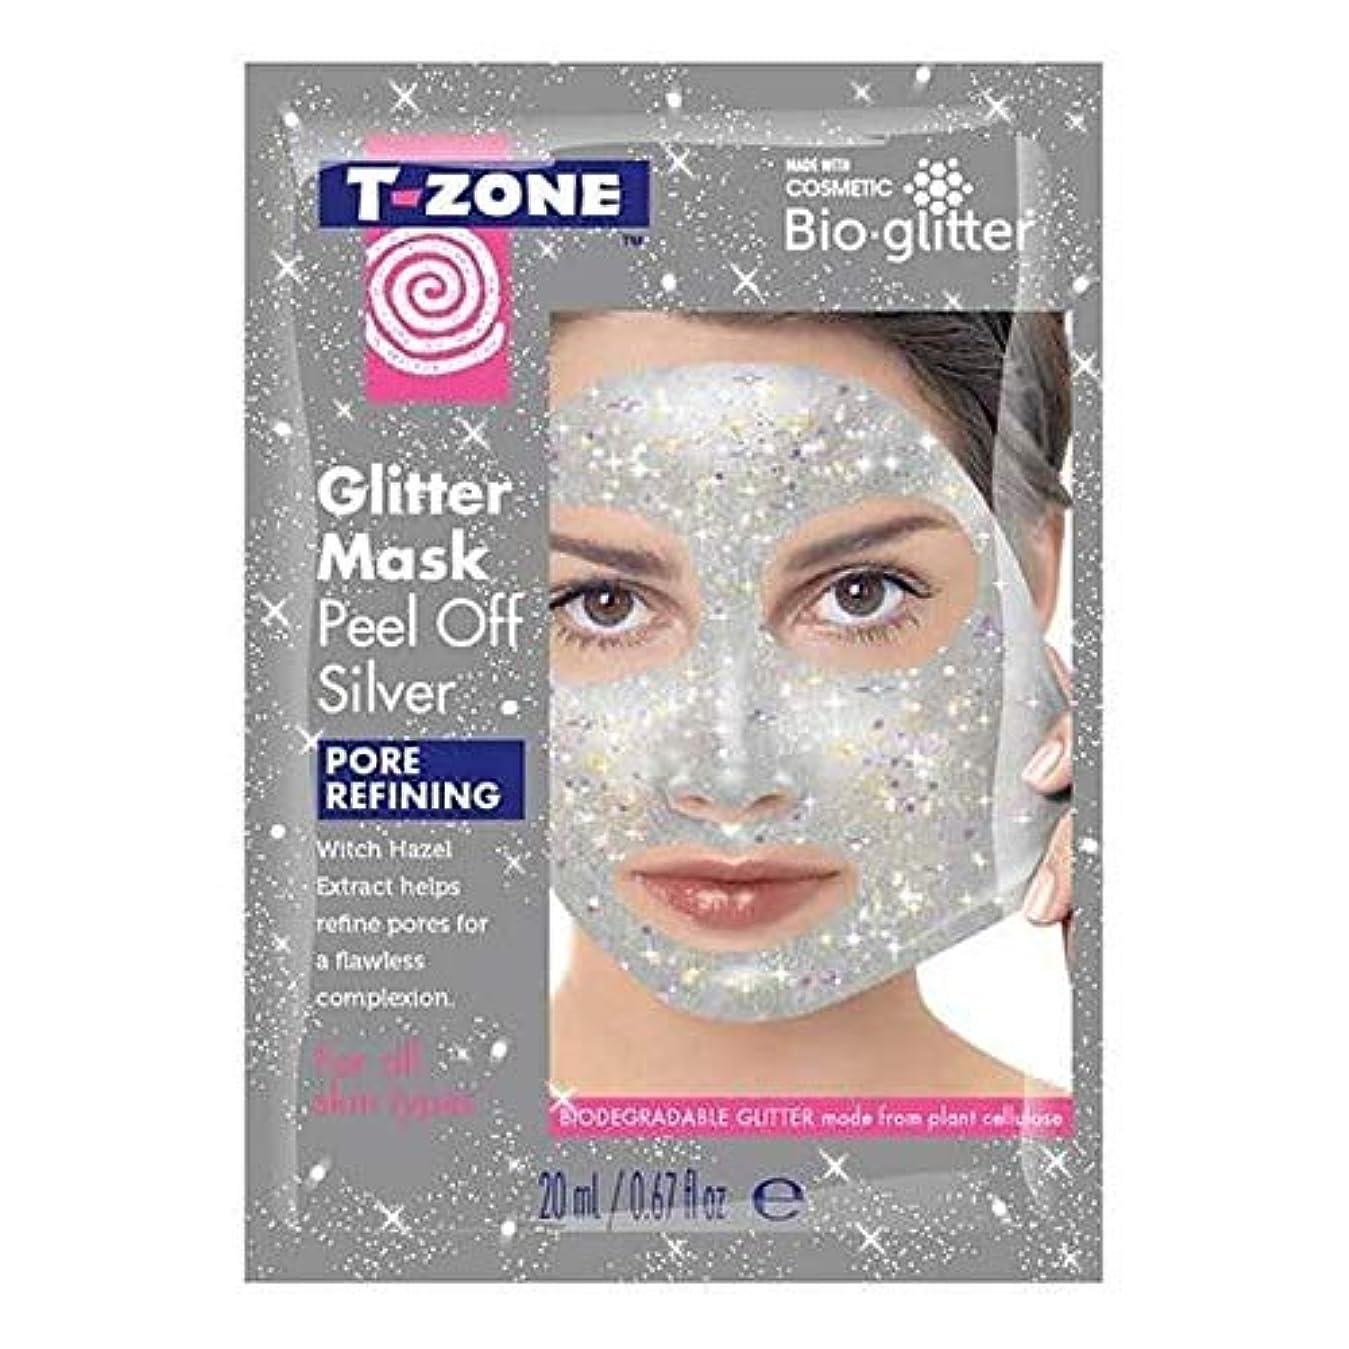 平手打ち深いチャップ[T-Zone] Tゾーンの輝きは、マスクの銀をはがし - T-Zone Glitter Peel Off Mask Silver [並行輸入品]